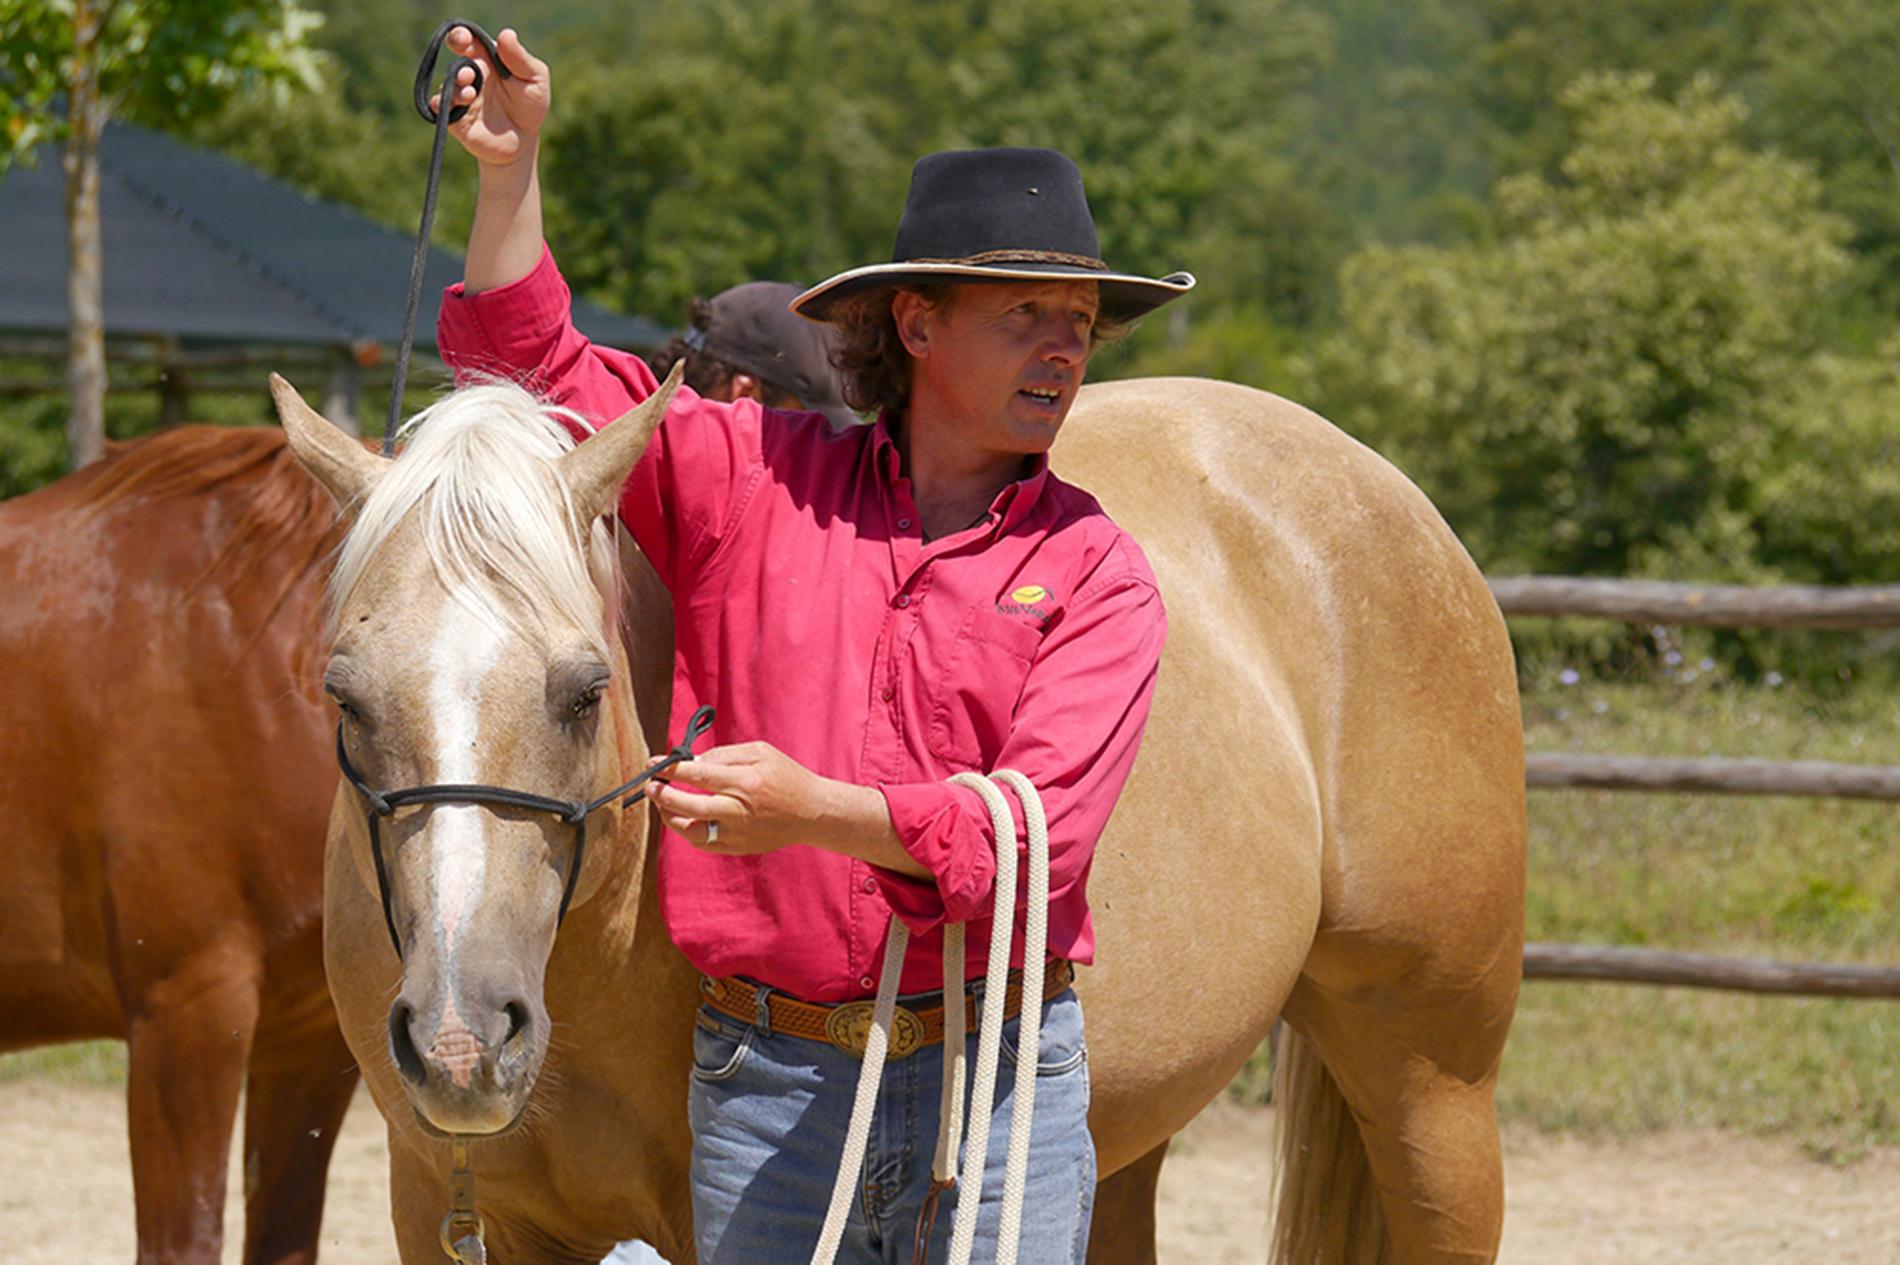 Edwin und Barney: Das korrekte Anlegen des Knotenhalfters gehört zum Handwerk eines Natural Horseman. © 2014, AsvaNara, BU: Bernd Paschel